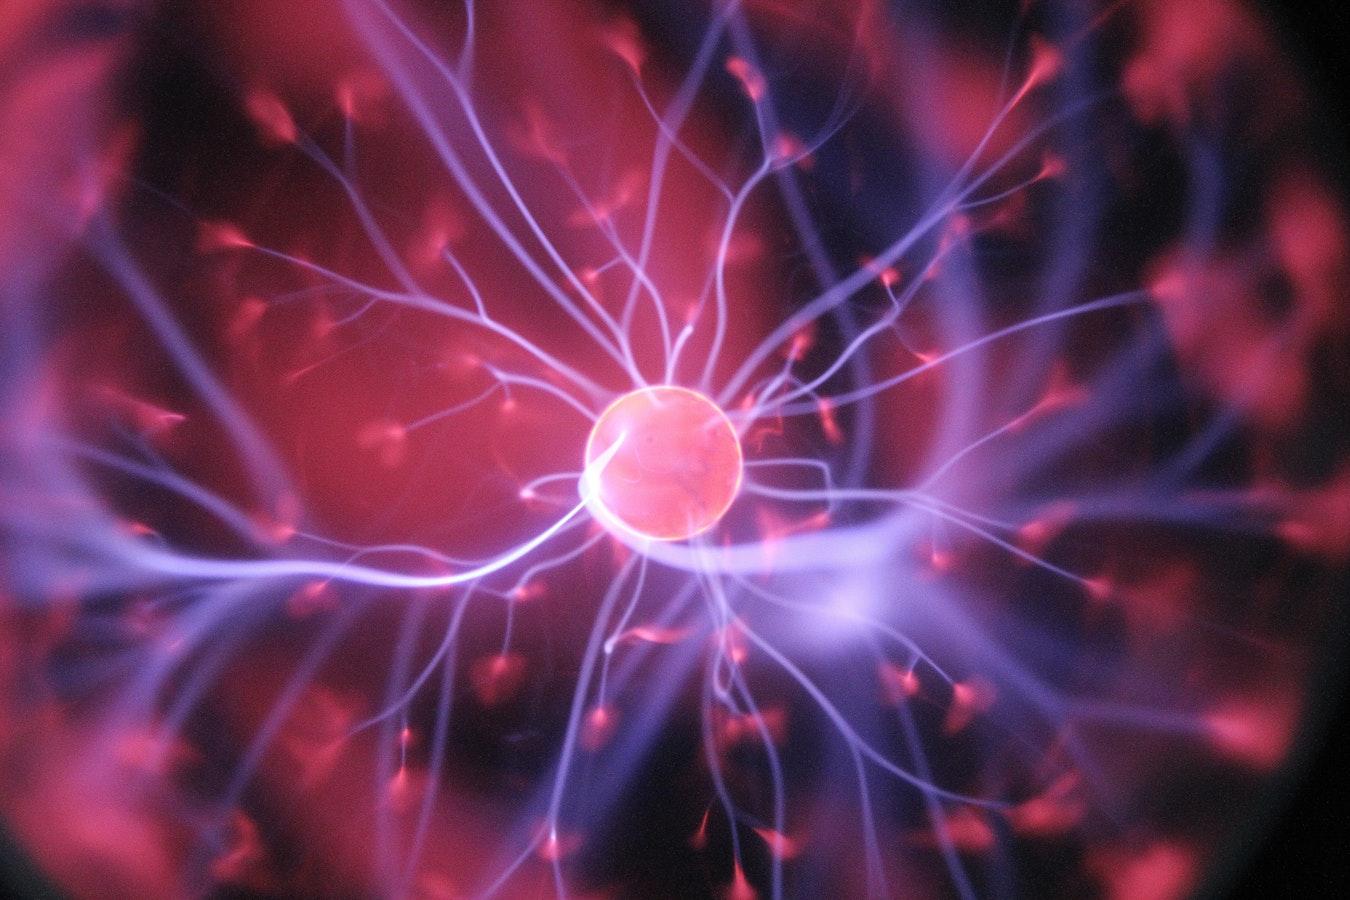 קלסטרופוביה ובדיקת MRI – כיצד להתכונן ומה ניתן לעשות